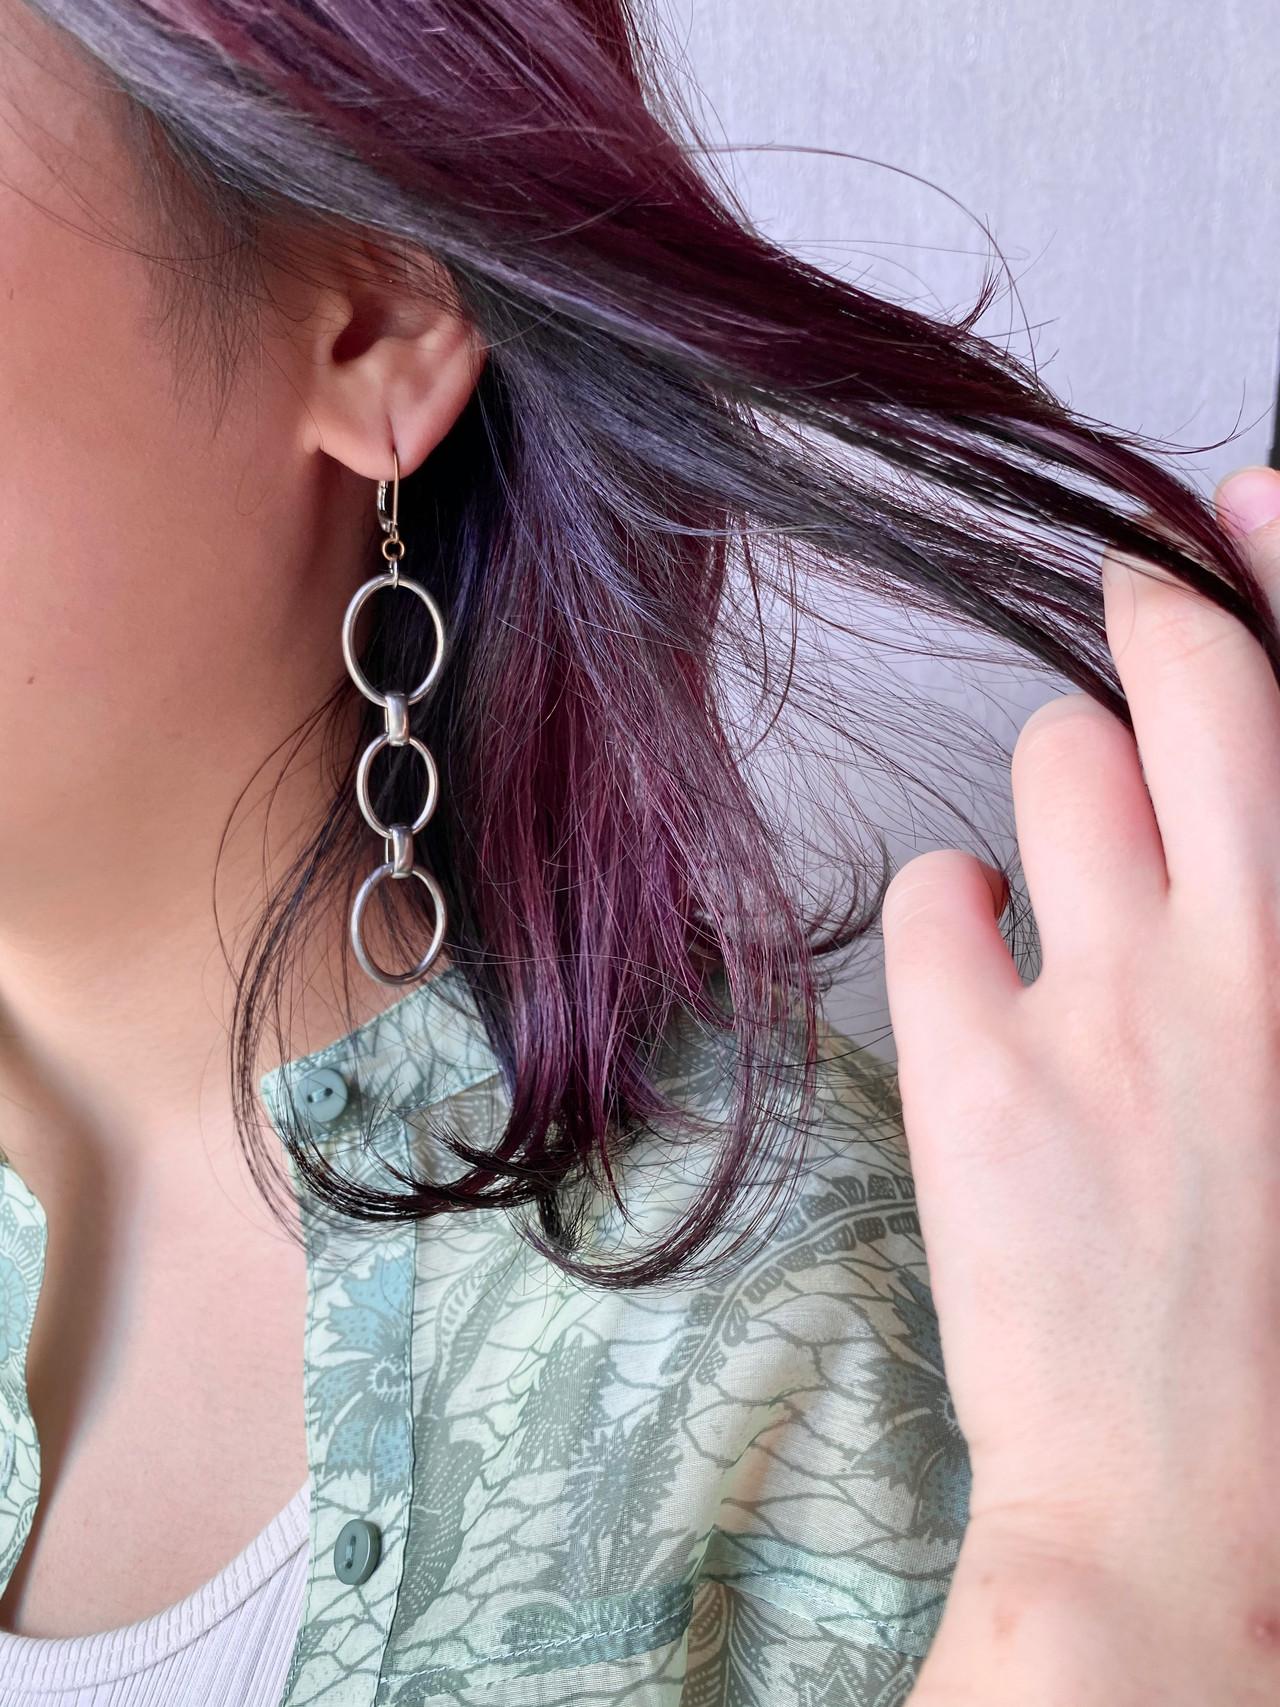 ストリート ローライト バイオレット パープル ヘアスタイルや髪型の写真・画像